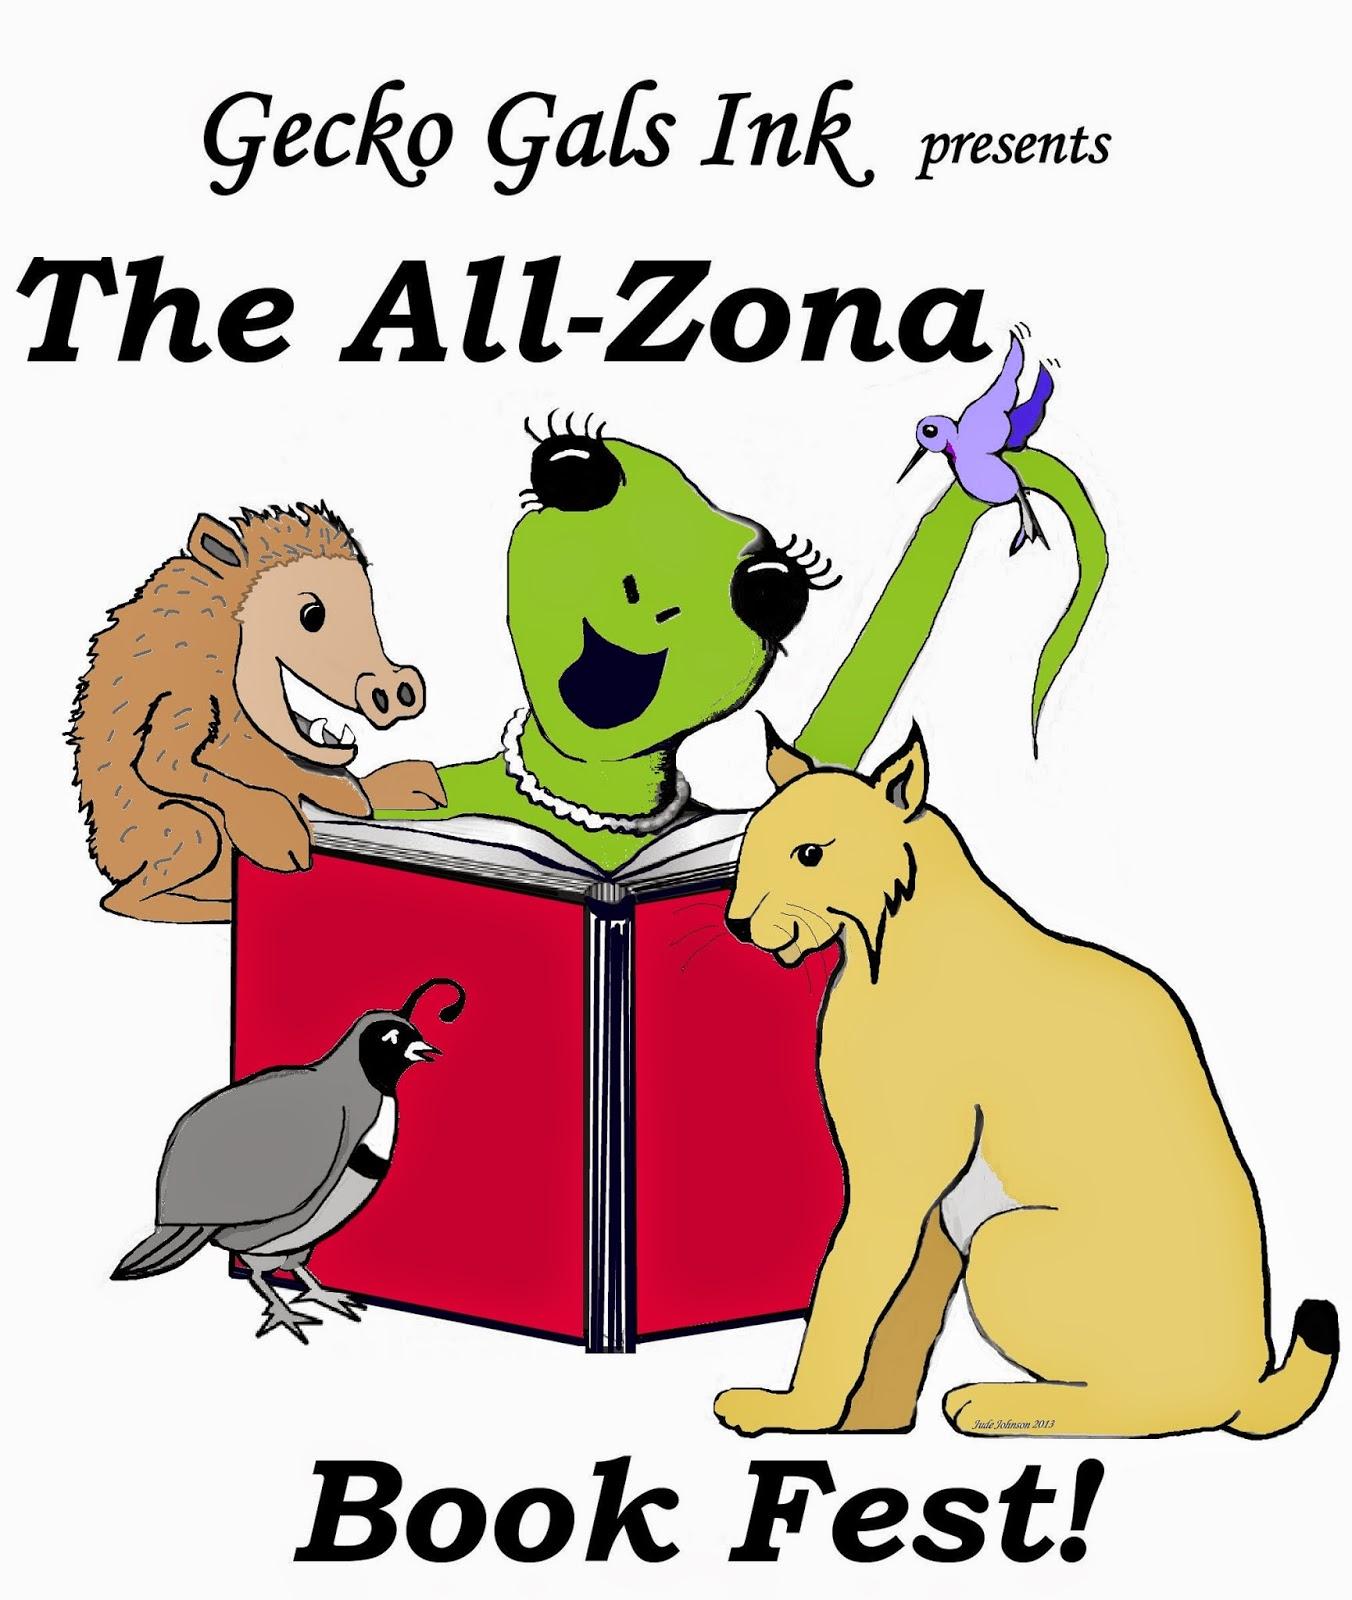 http://geckogalsink.wix.com/all-zonabookfest